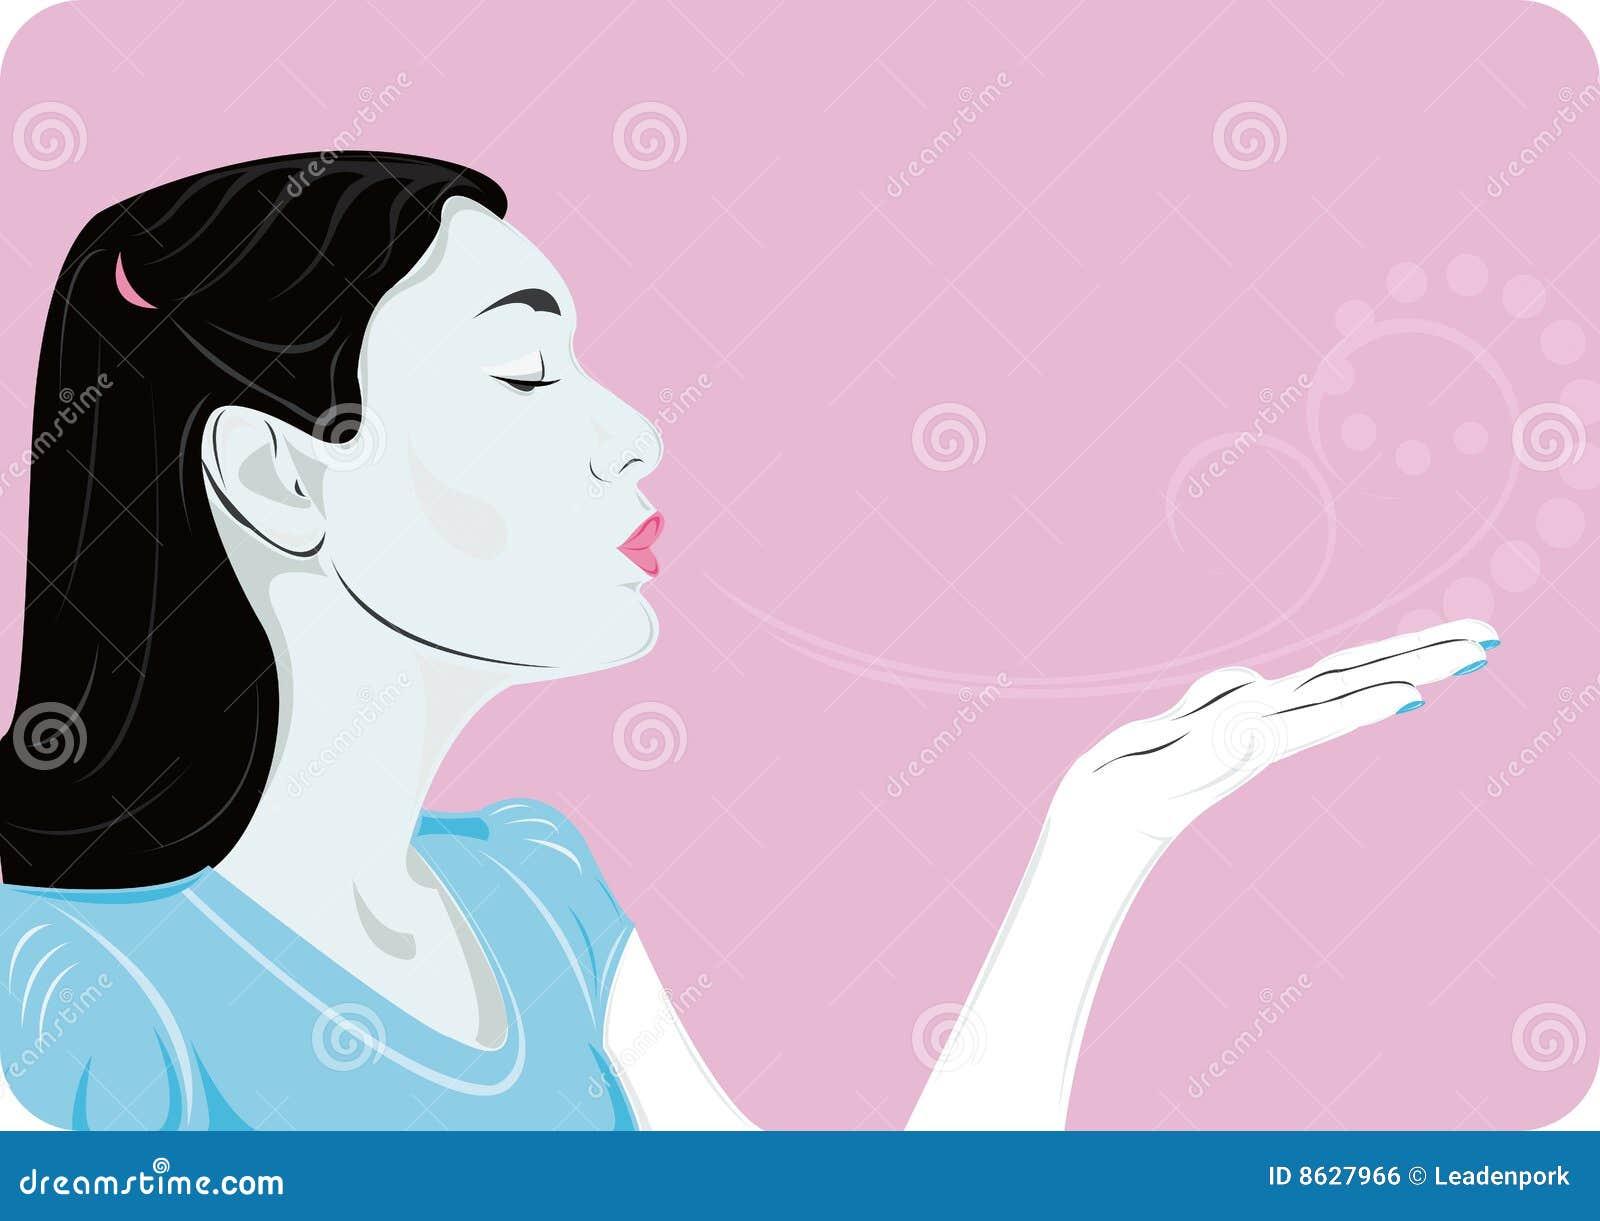 Air Kiss Royalty Free Stock Image - Image: 8627966